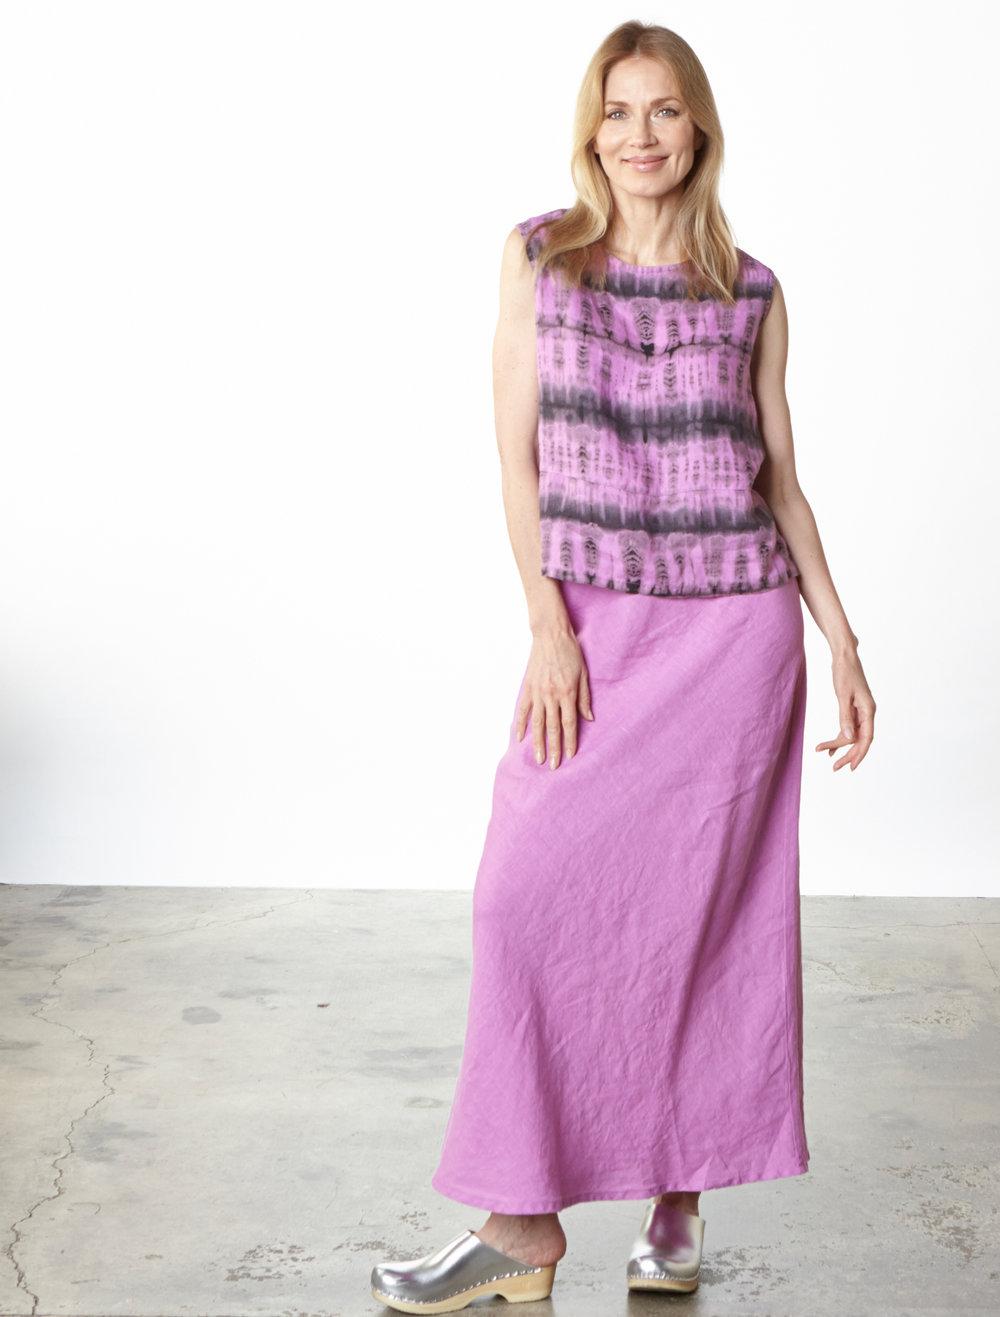 Basic Tank in lxia Tie Dye Linen, Long Bias Skirt in lxia Light Linen